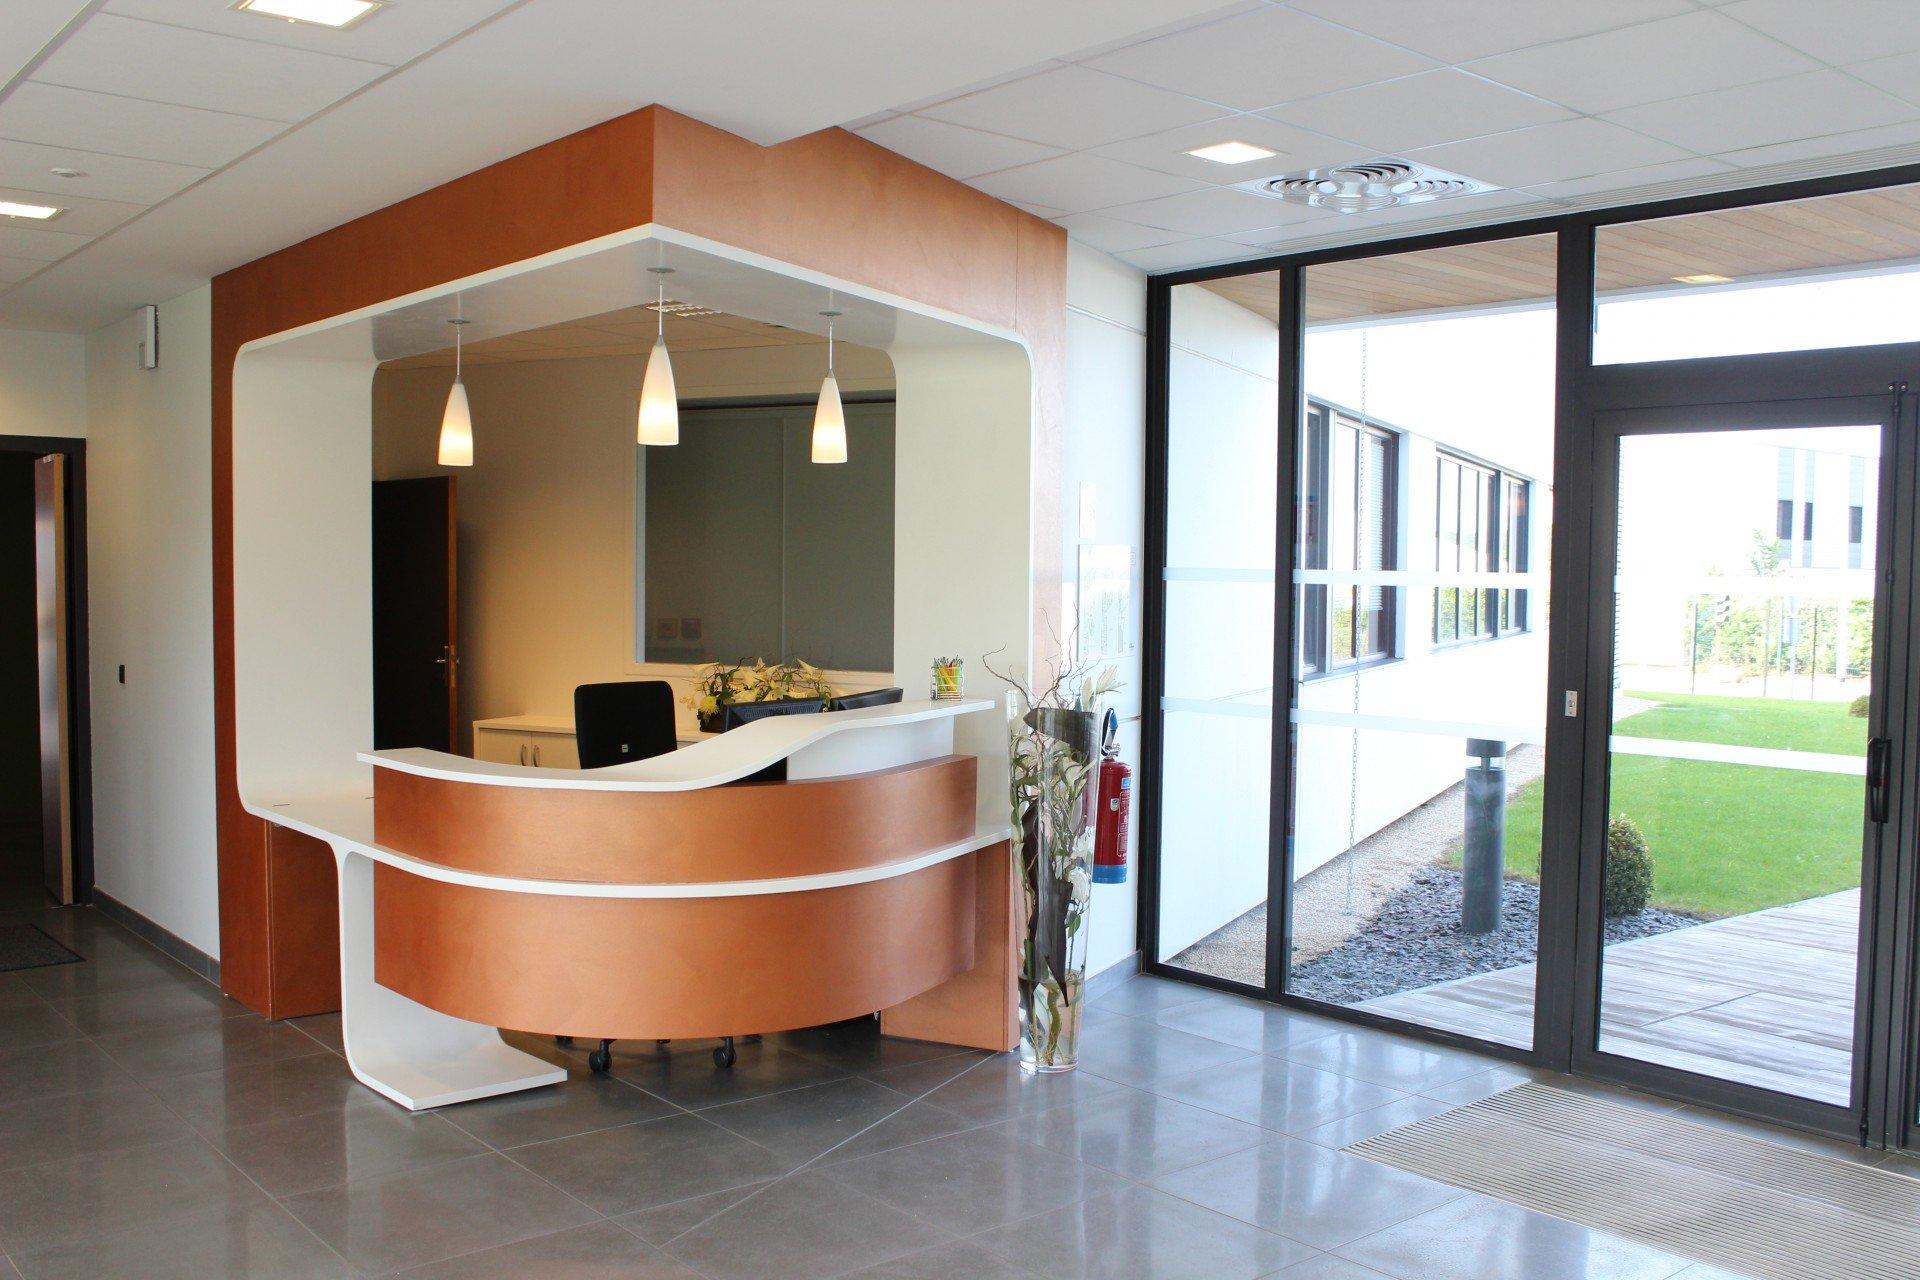 banque d 39 accueil et comptoir sur mesure creativ mobilier. Black Bedroom Furniture Sets. Home Design Ideas